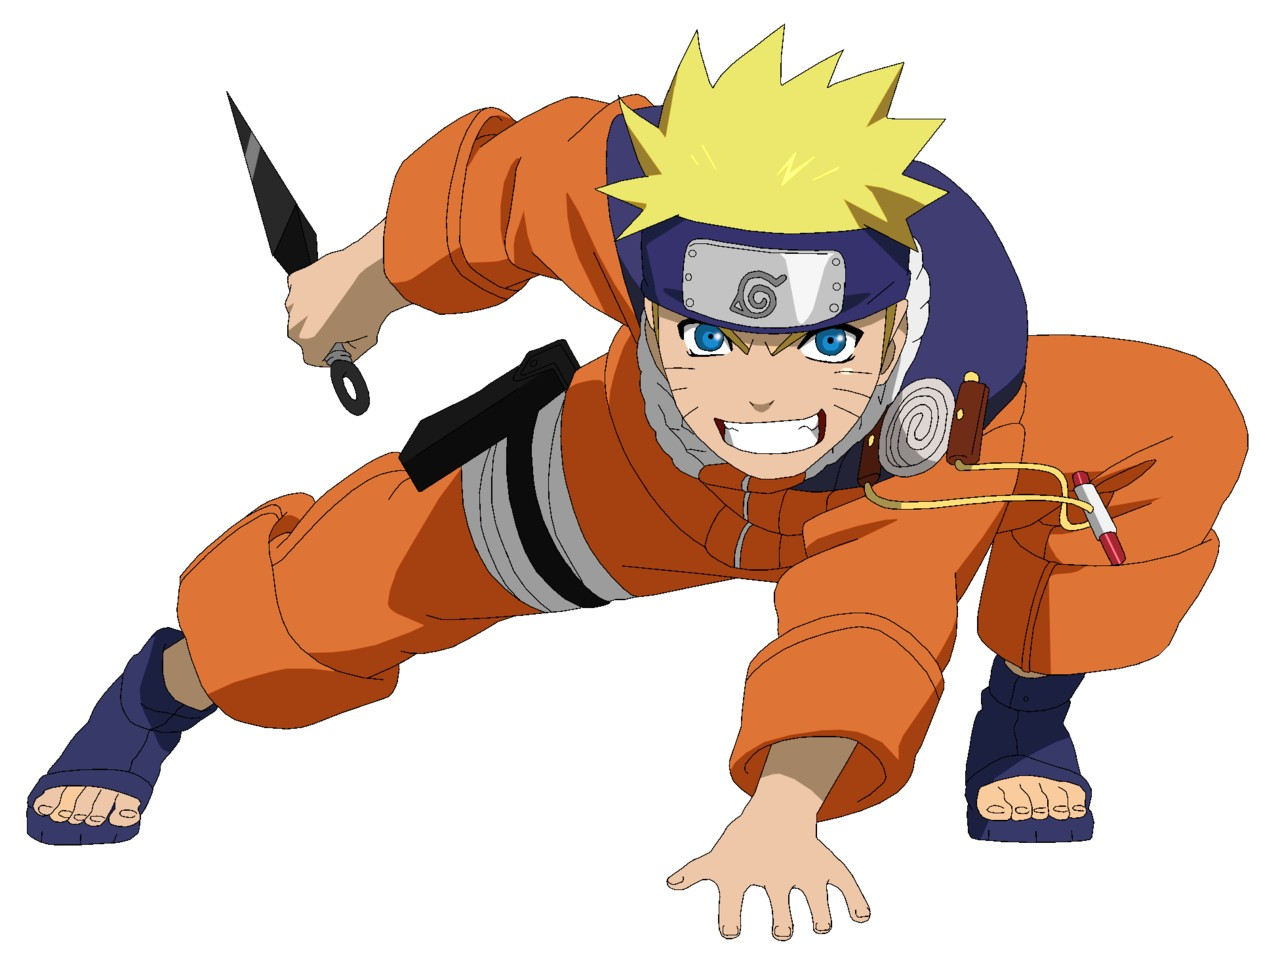 Qui est-ce ? - Naruto